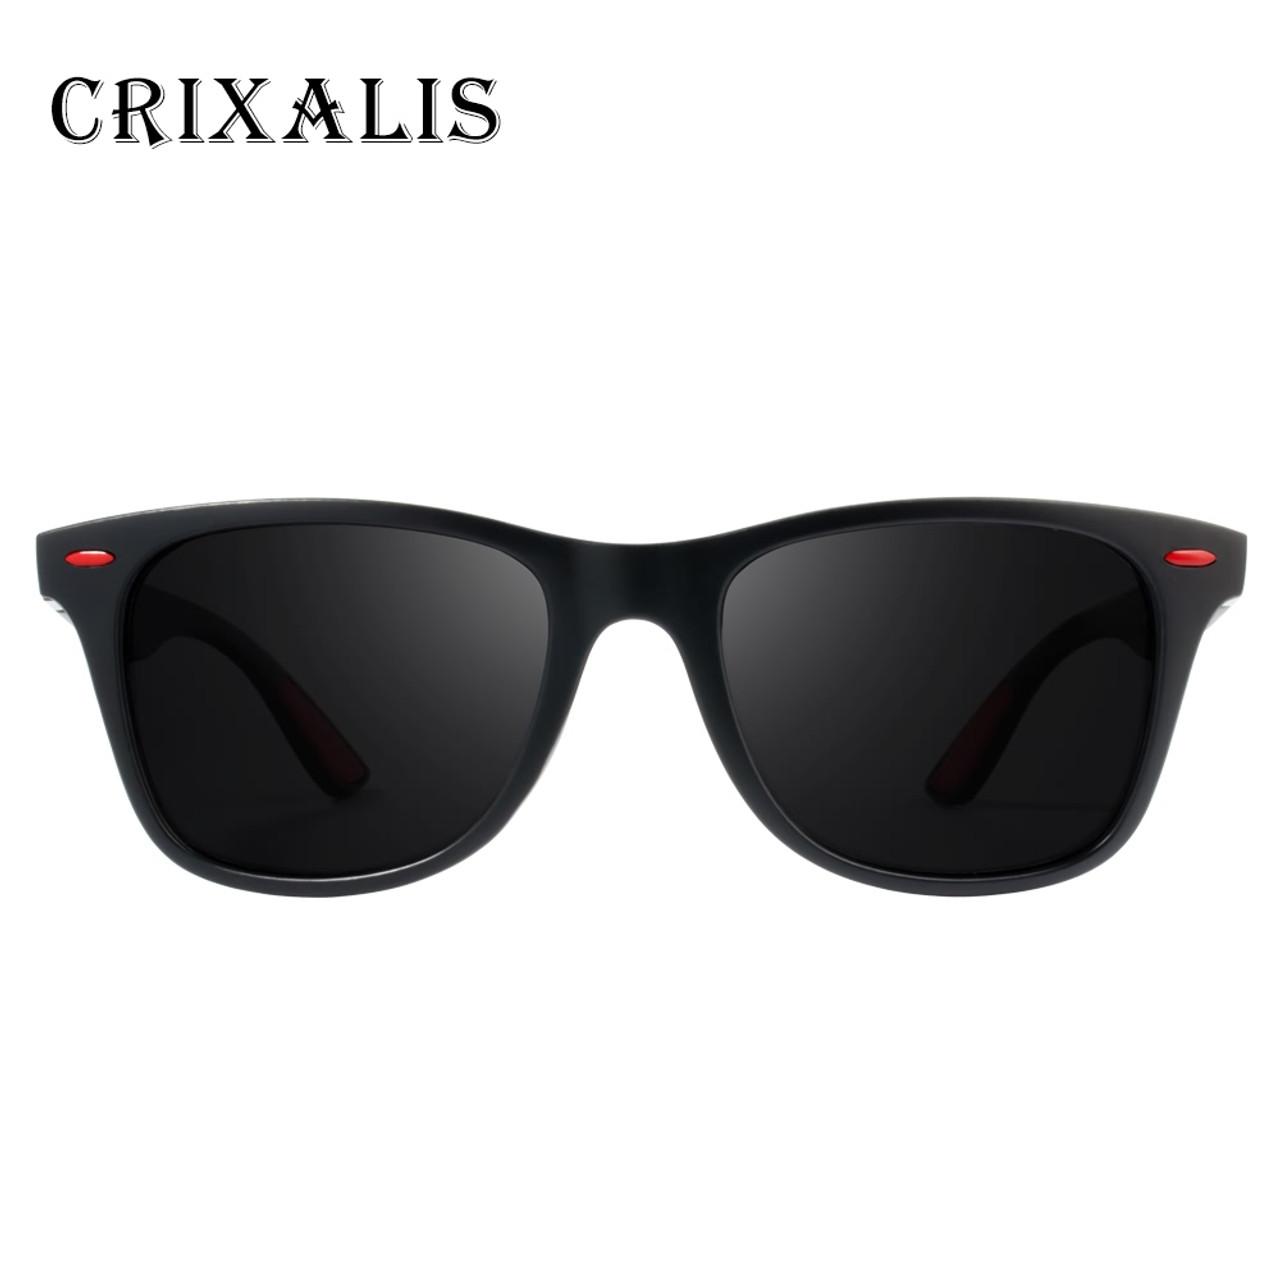 cfc706539fa ... Crixalis BRAND DESIGN 2018 New Polarized Sunglasses Men Retro Square  Driving Sun Glasses Male Goggles UV400 ...